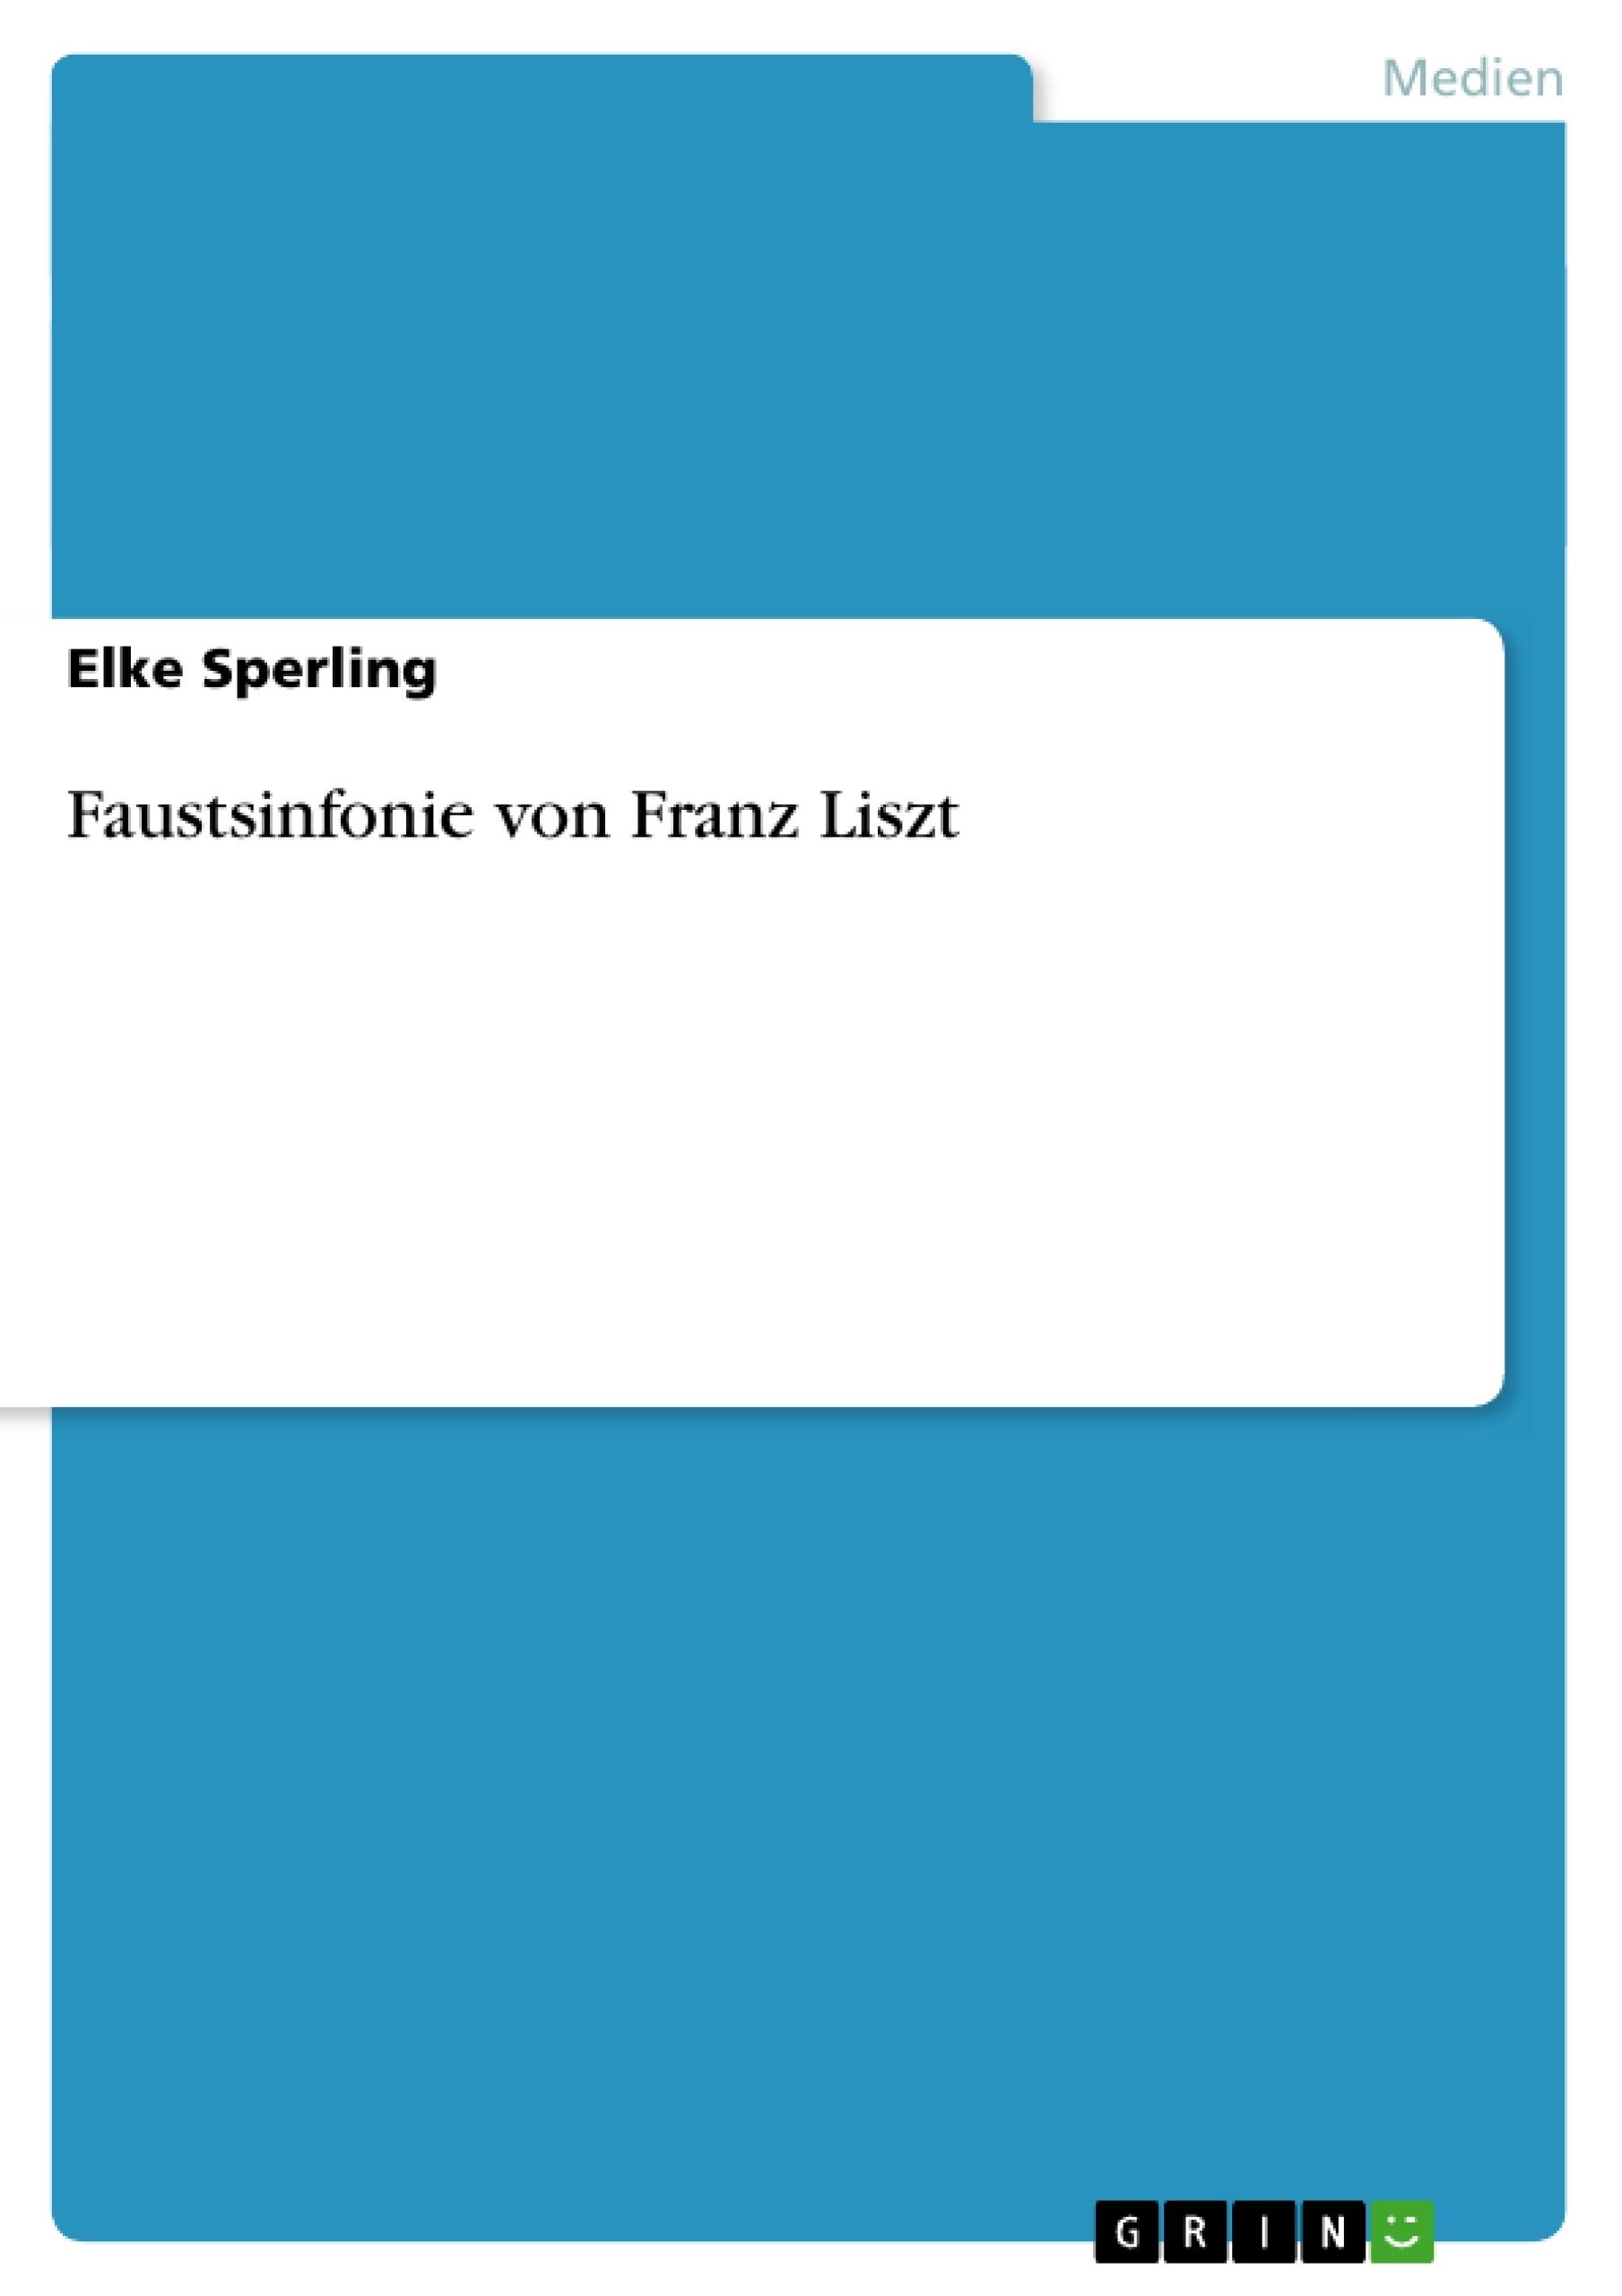 Titel: Faustsinfonie von Franz Liszt